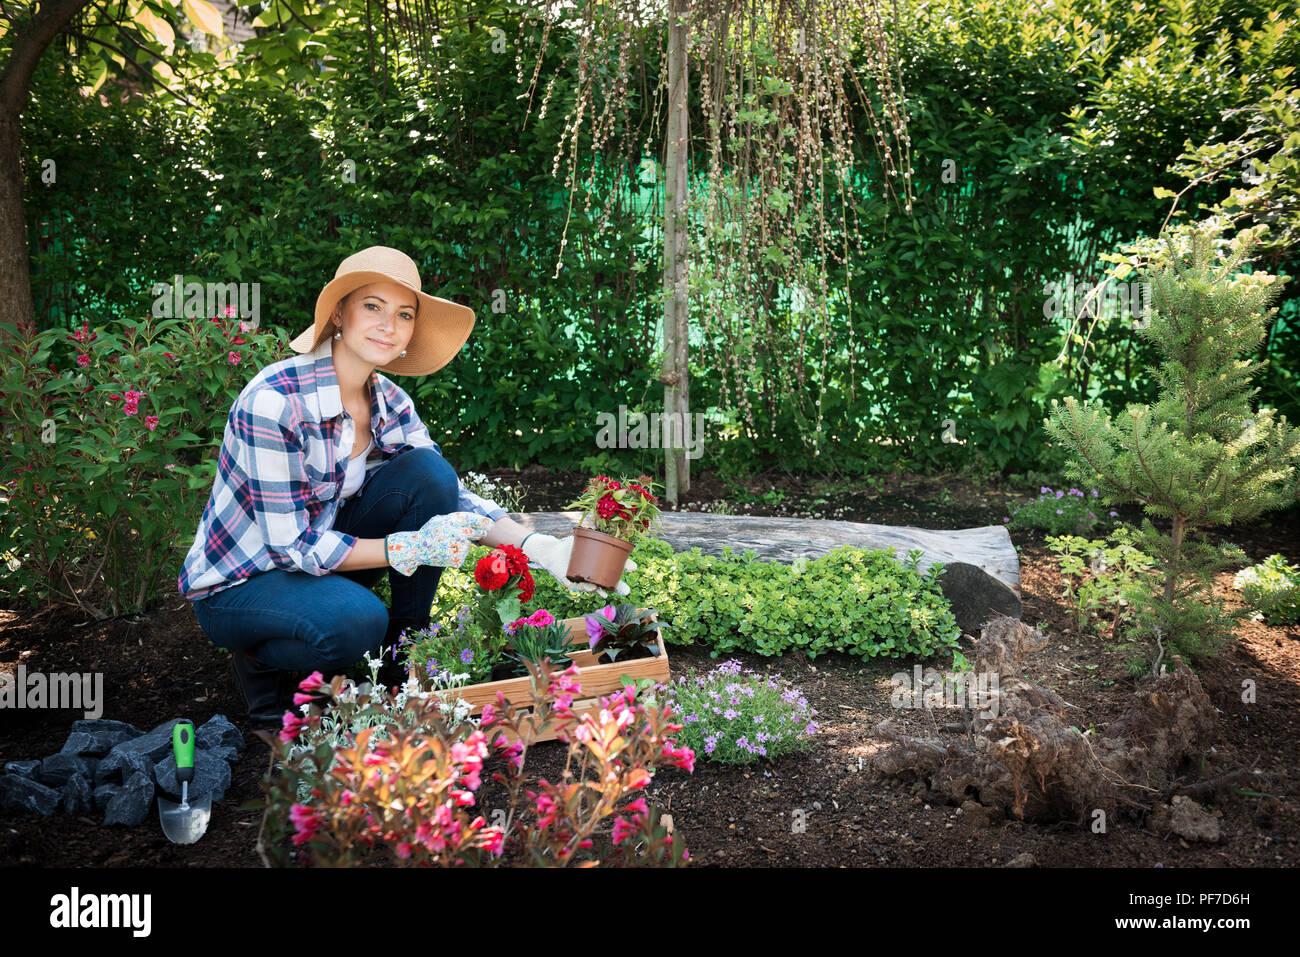 Schöne weibliche Gärtner an Kamera suchen, mit Blumen in Ihrem Garten gepflanzt werden. Gartenarbeit Konzept. Stockbild